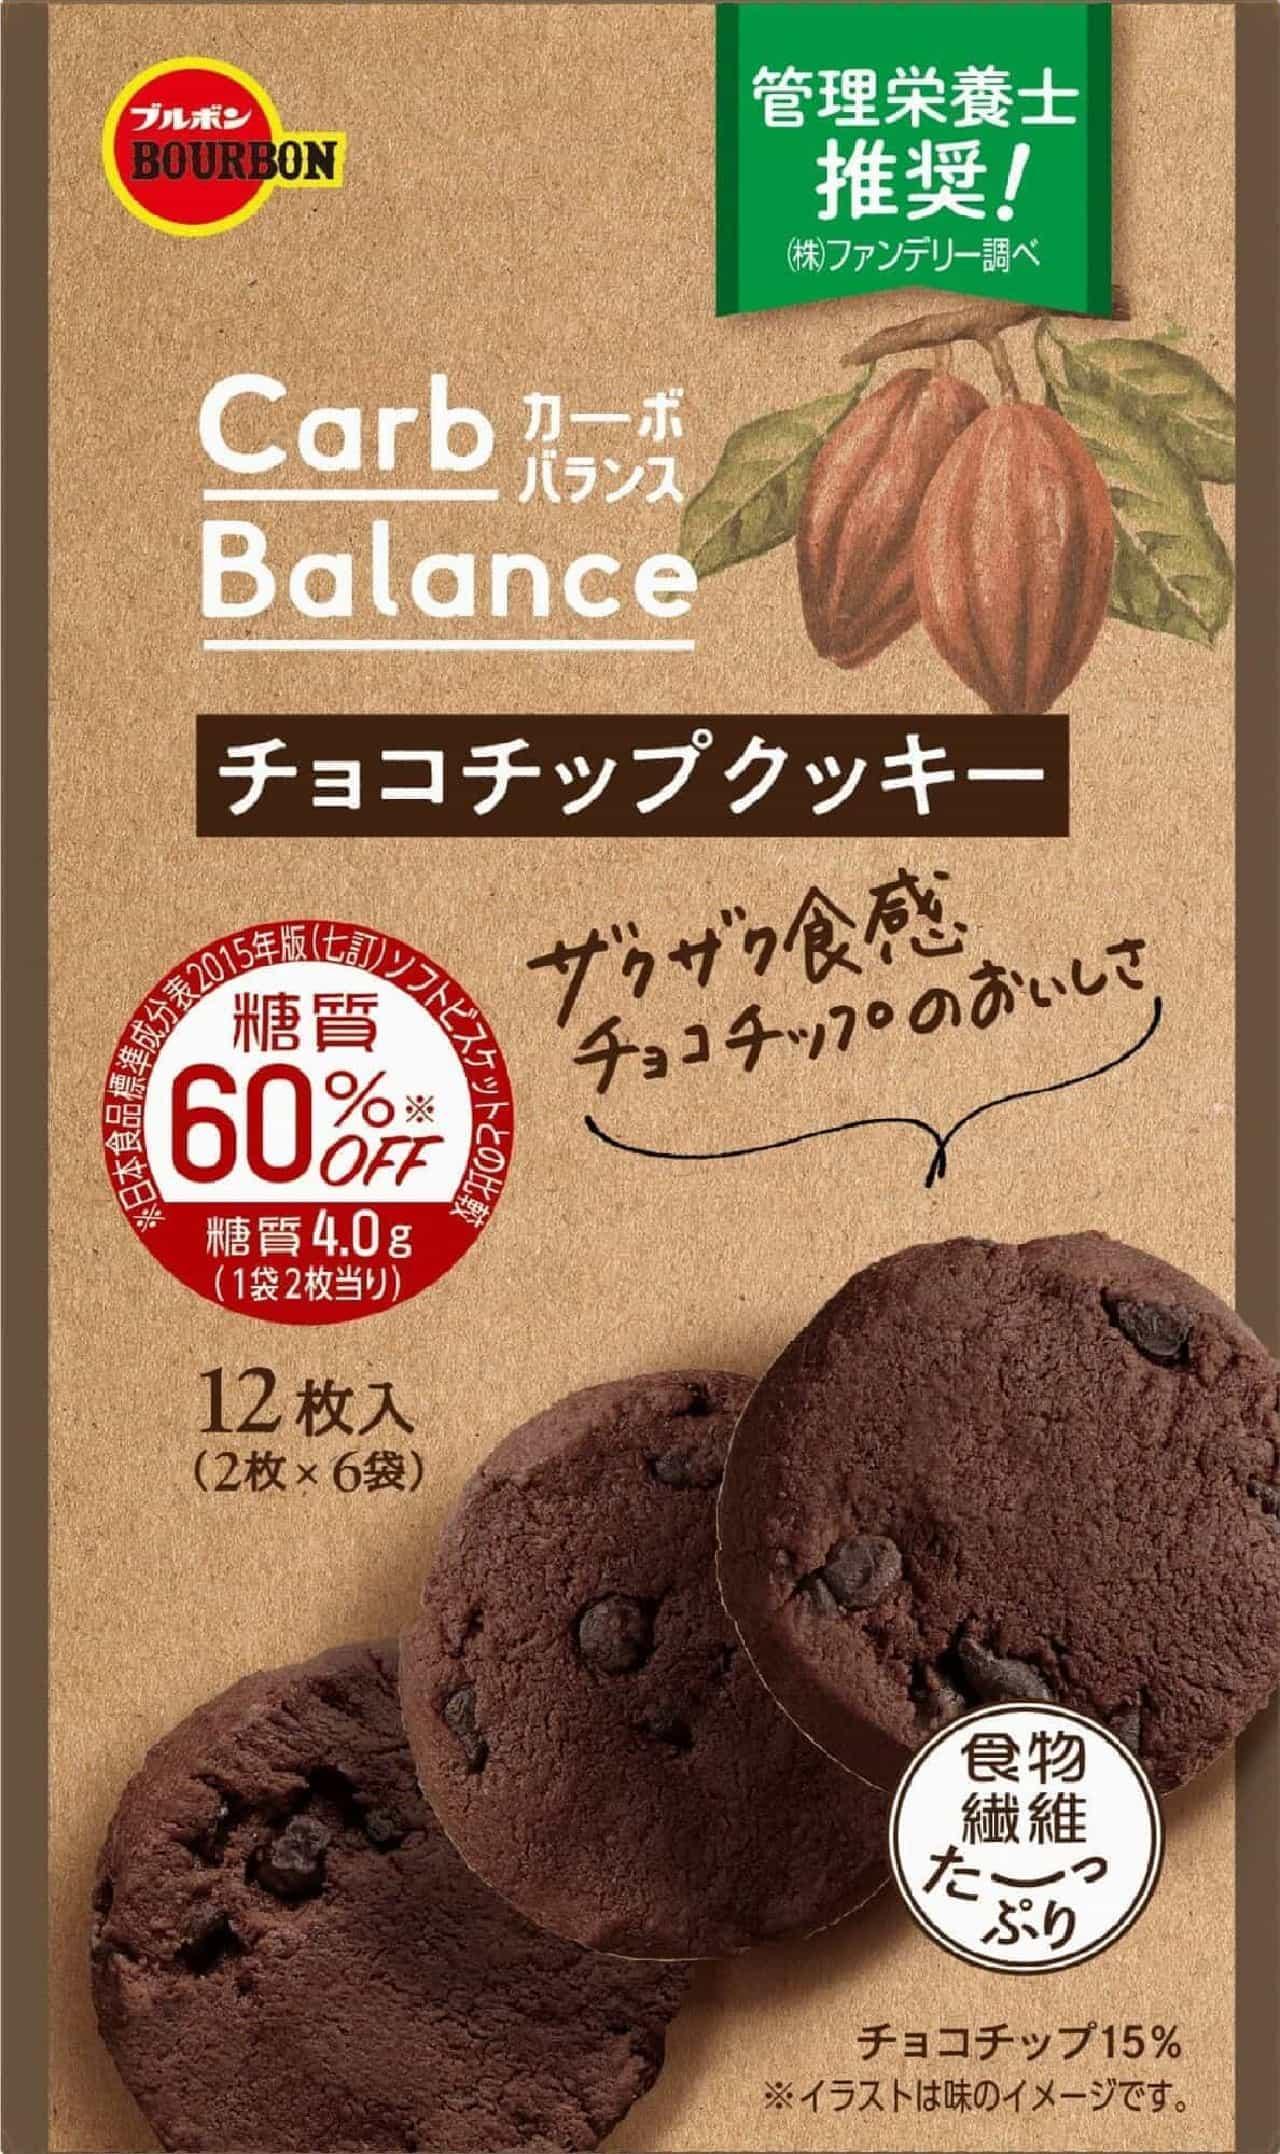 ブルボン「カーボバランスチョコチップクッキー」